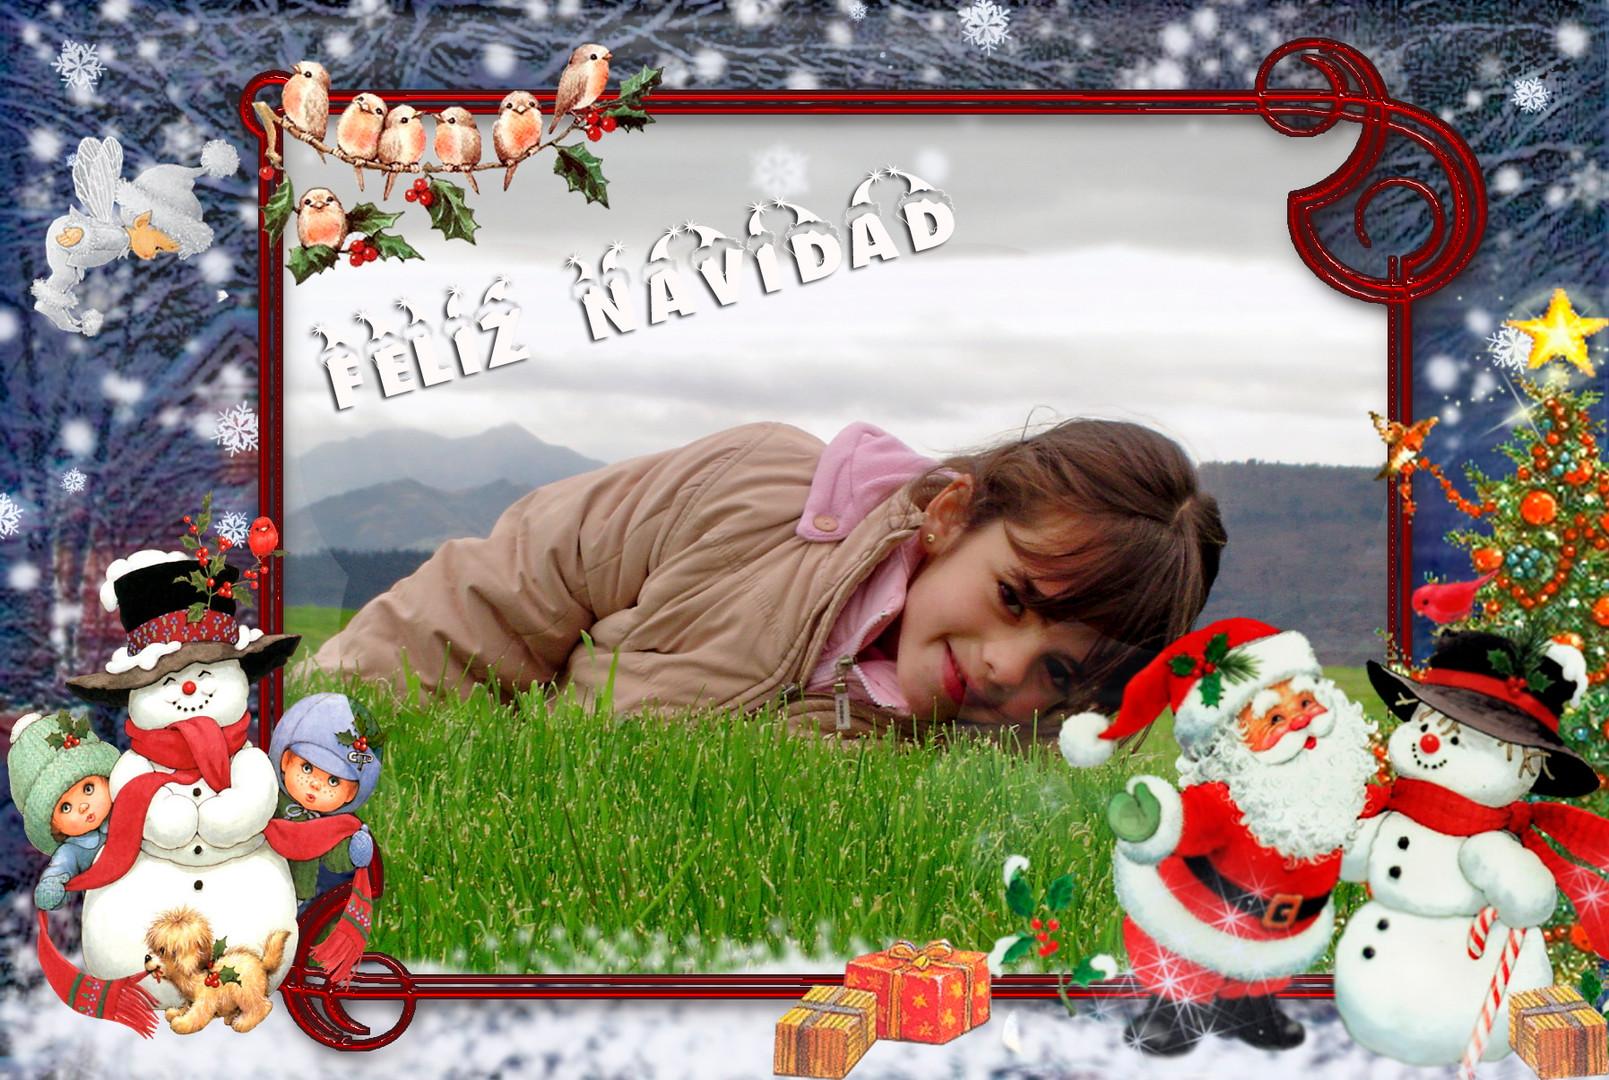 Fotos personalizadas para Navidad